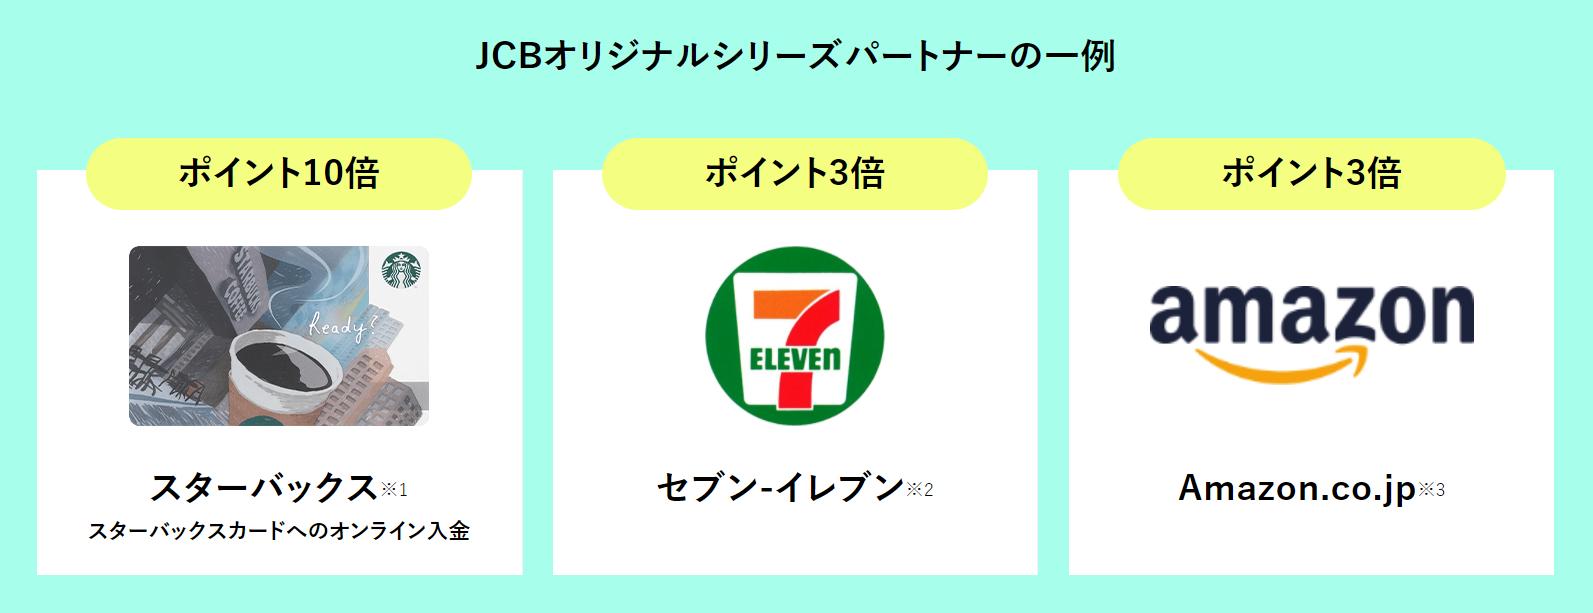 JCBオリジナルシリーズパートナー